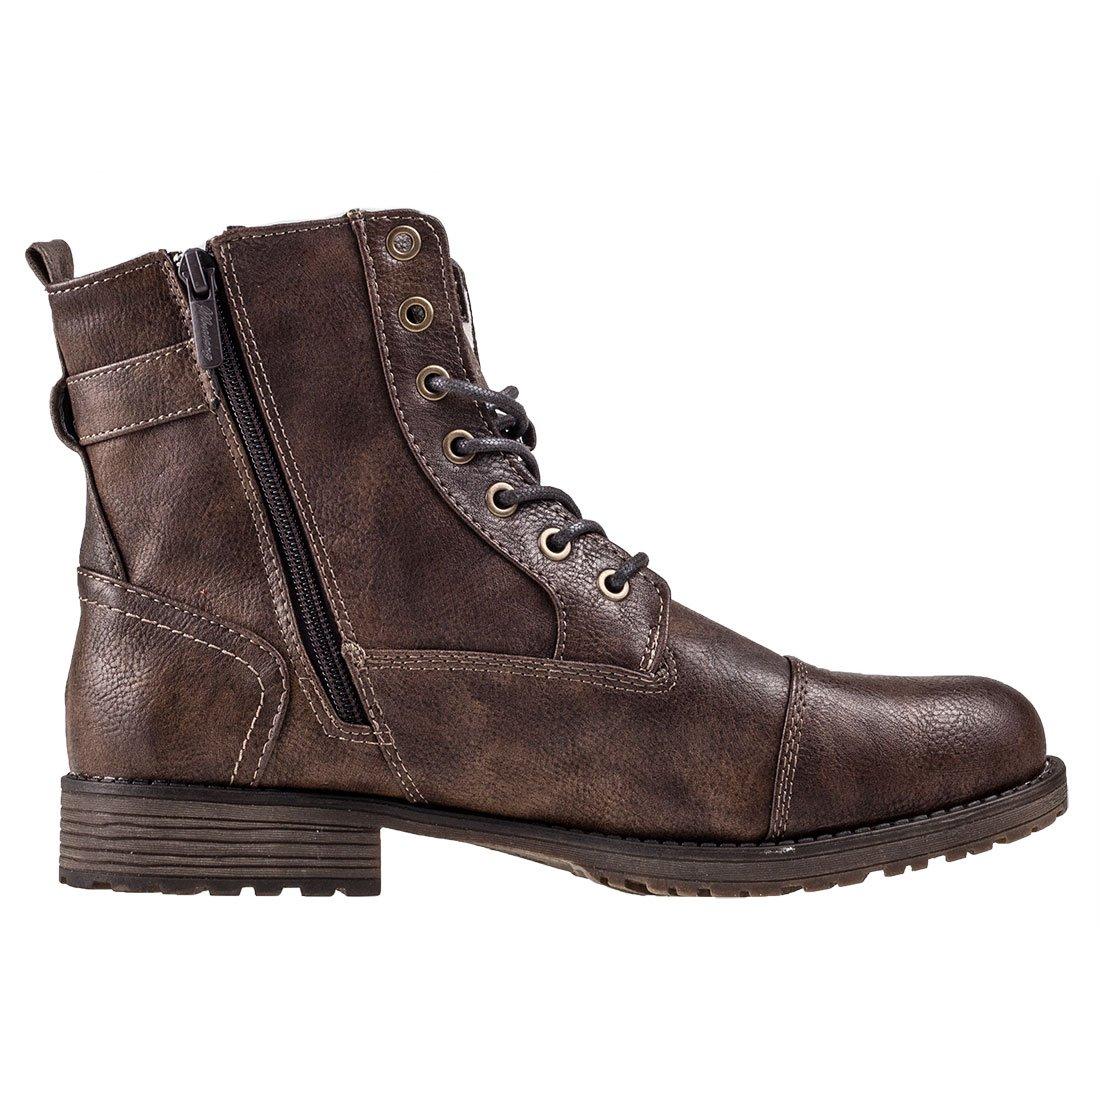 Mustang Herren Stiefel Boot Klassische Stiefel Herren Braun (Mittelbraun 360) 017def